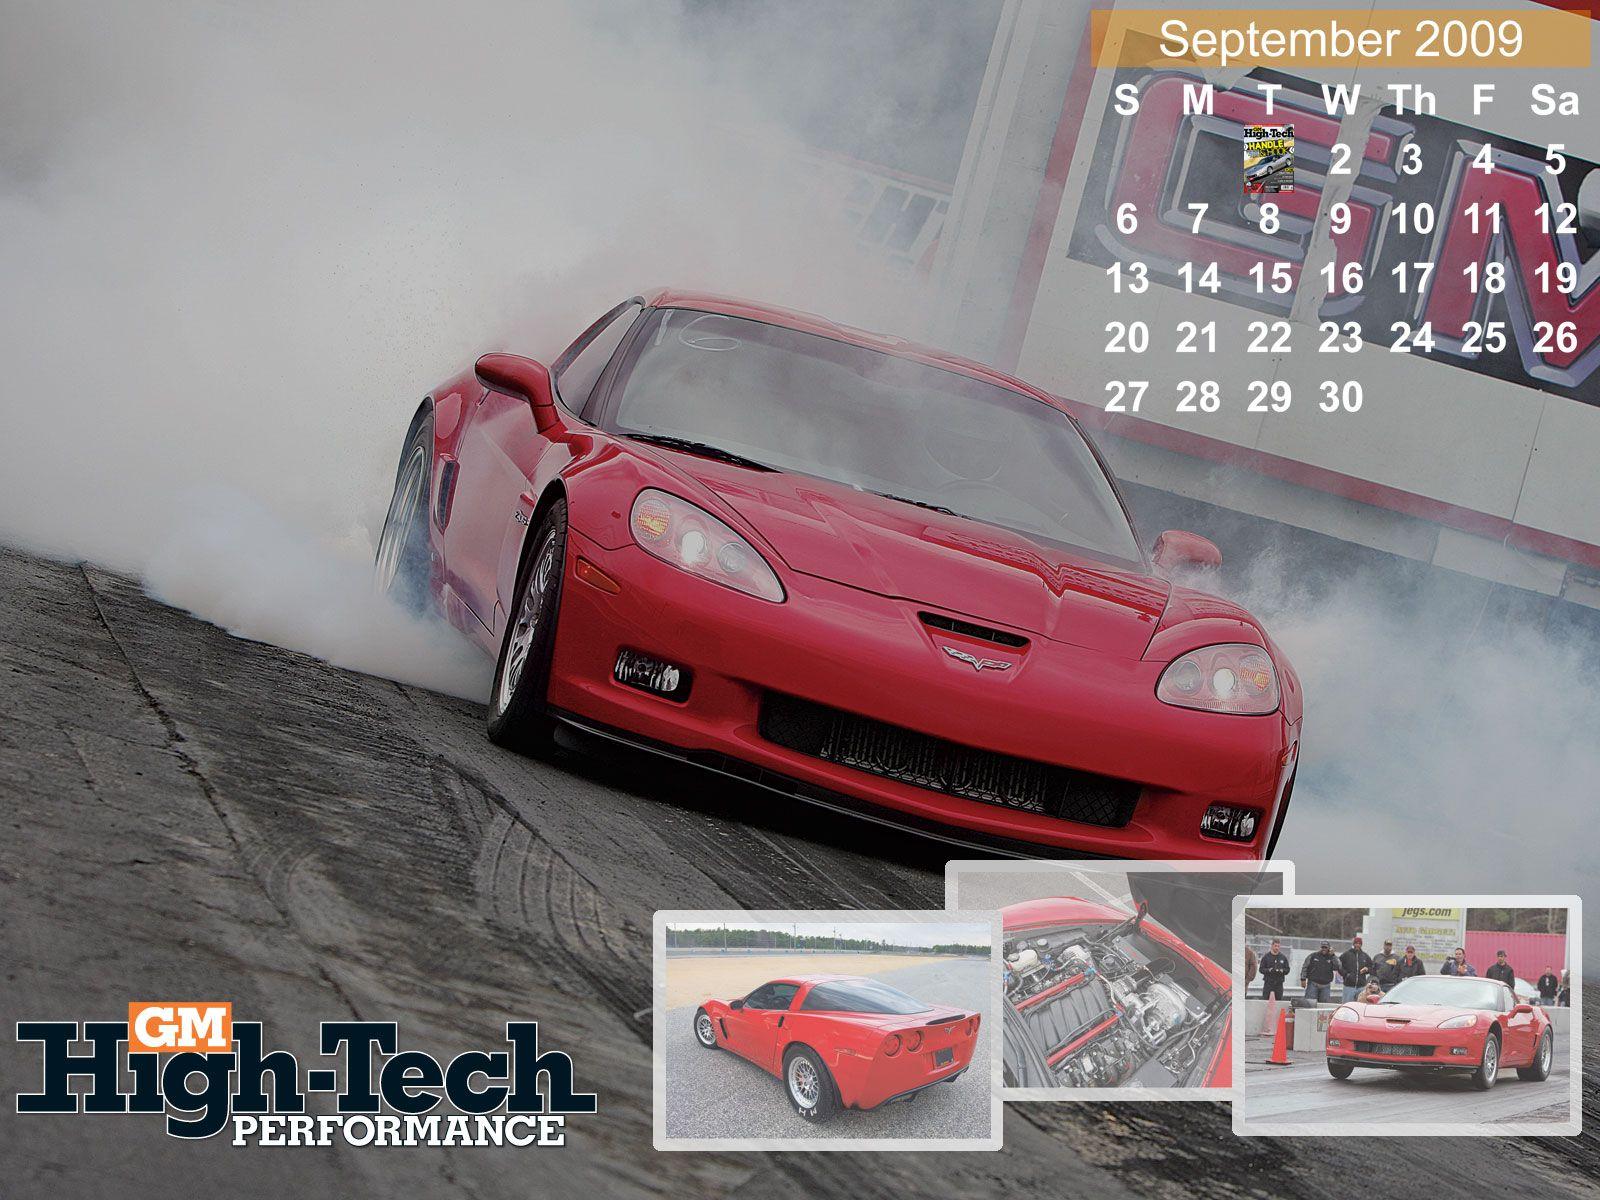 free wallpaper desktop calendar   wwwwallpapers in hdcom 1600x1200